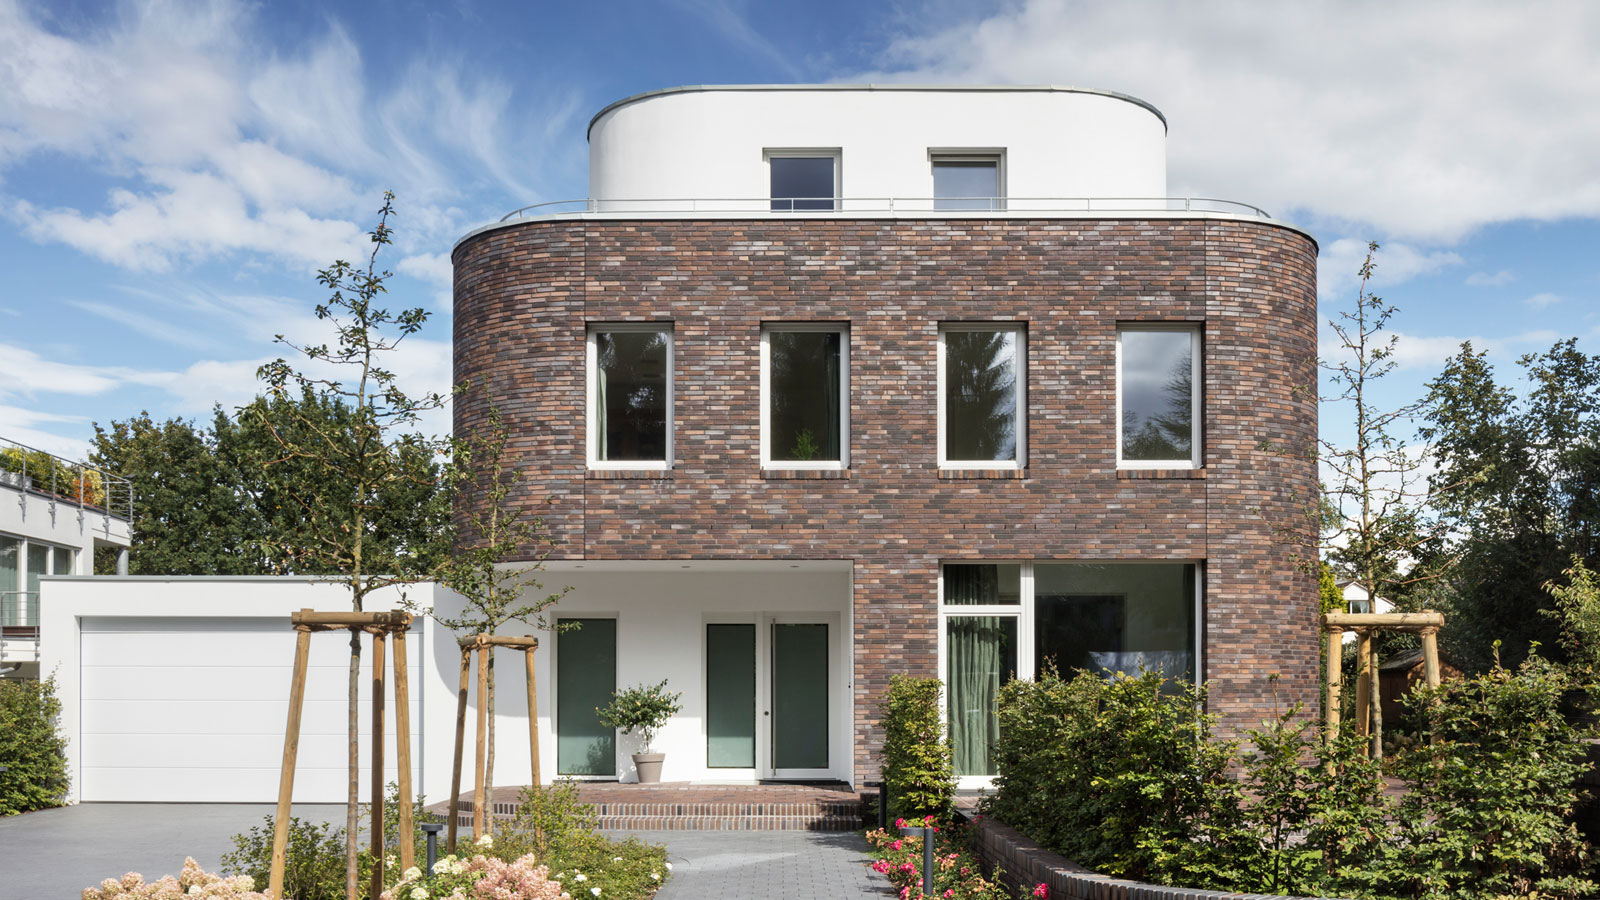 Einfamilienhaus im Johanniterviertel Ansicht neubau klinker